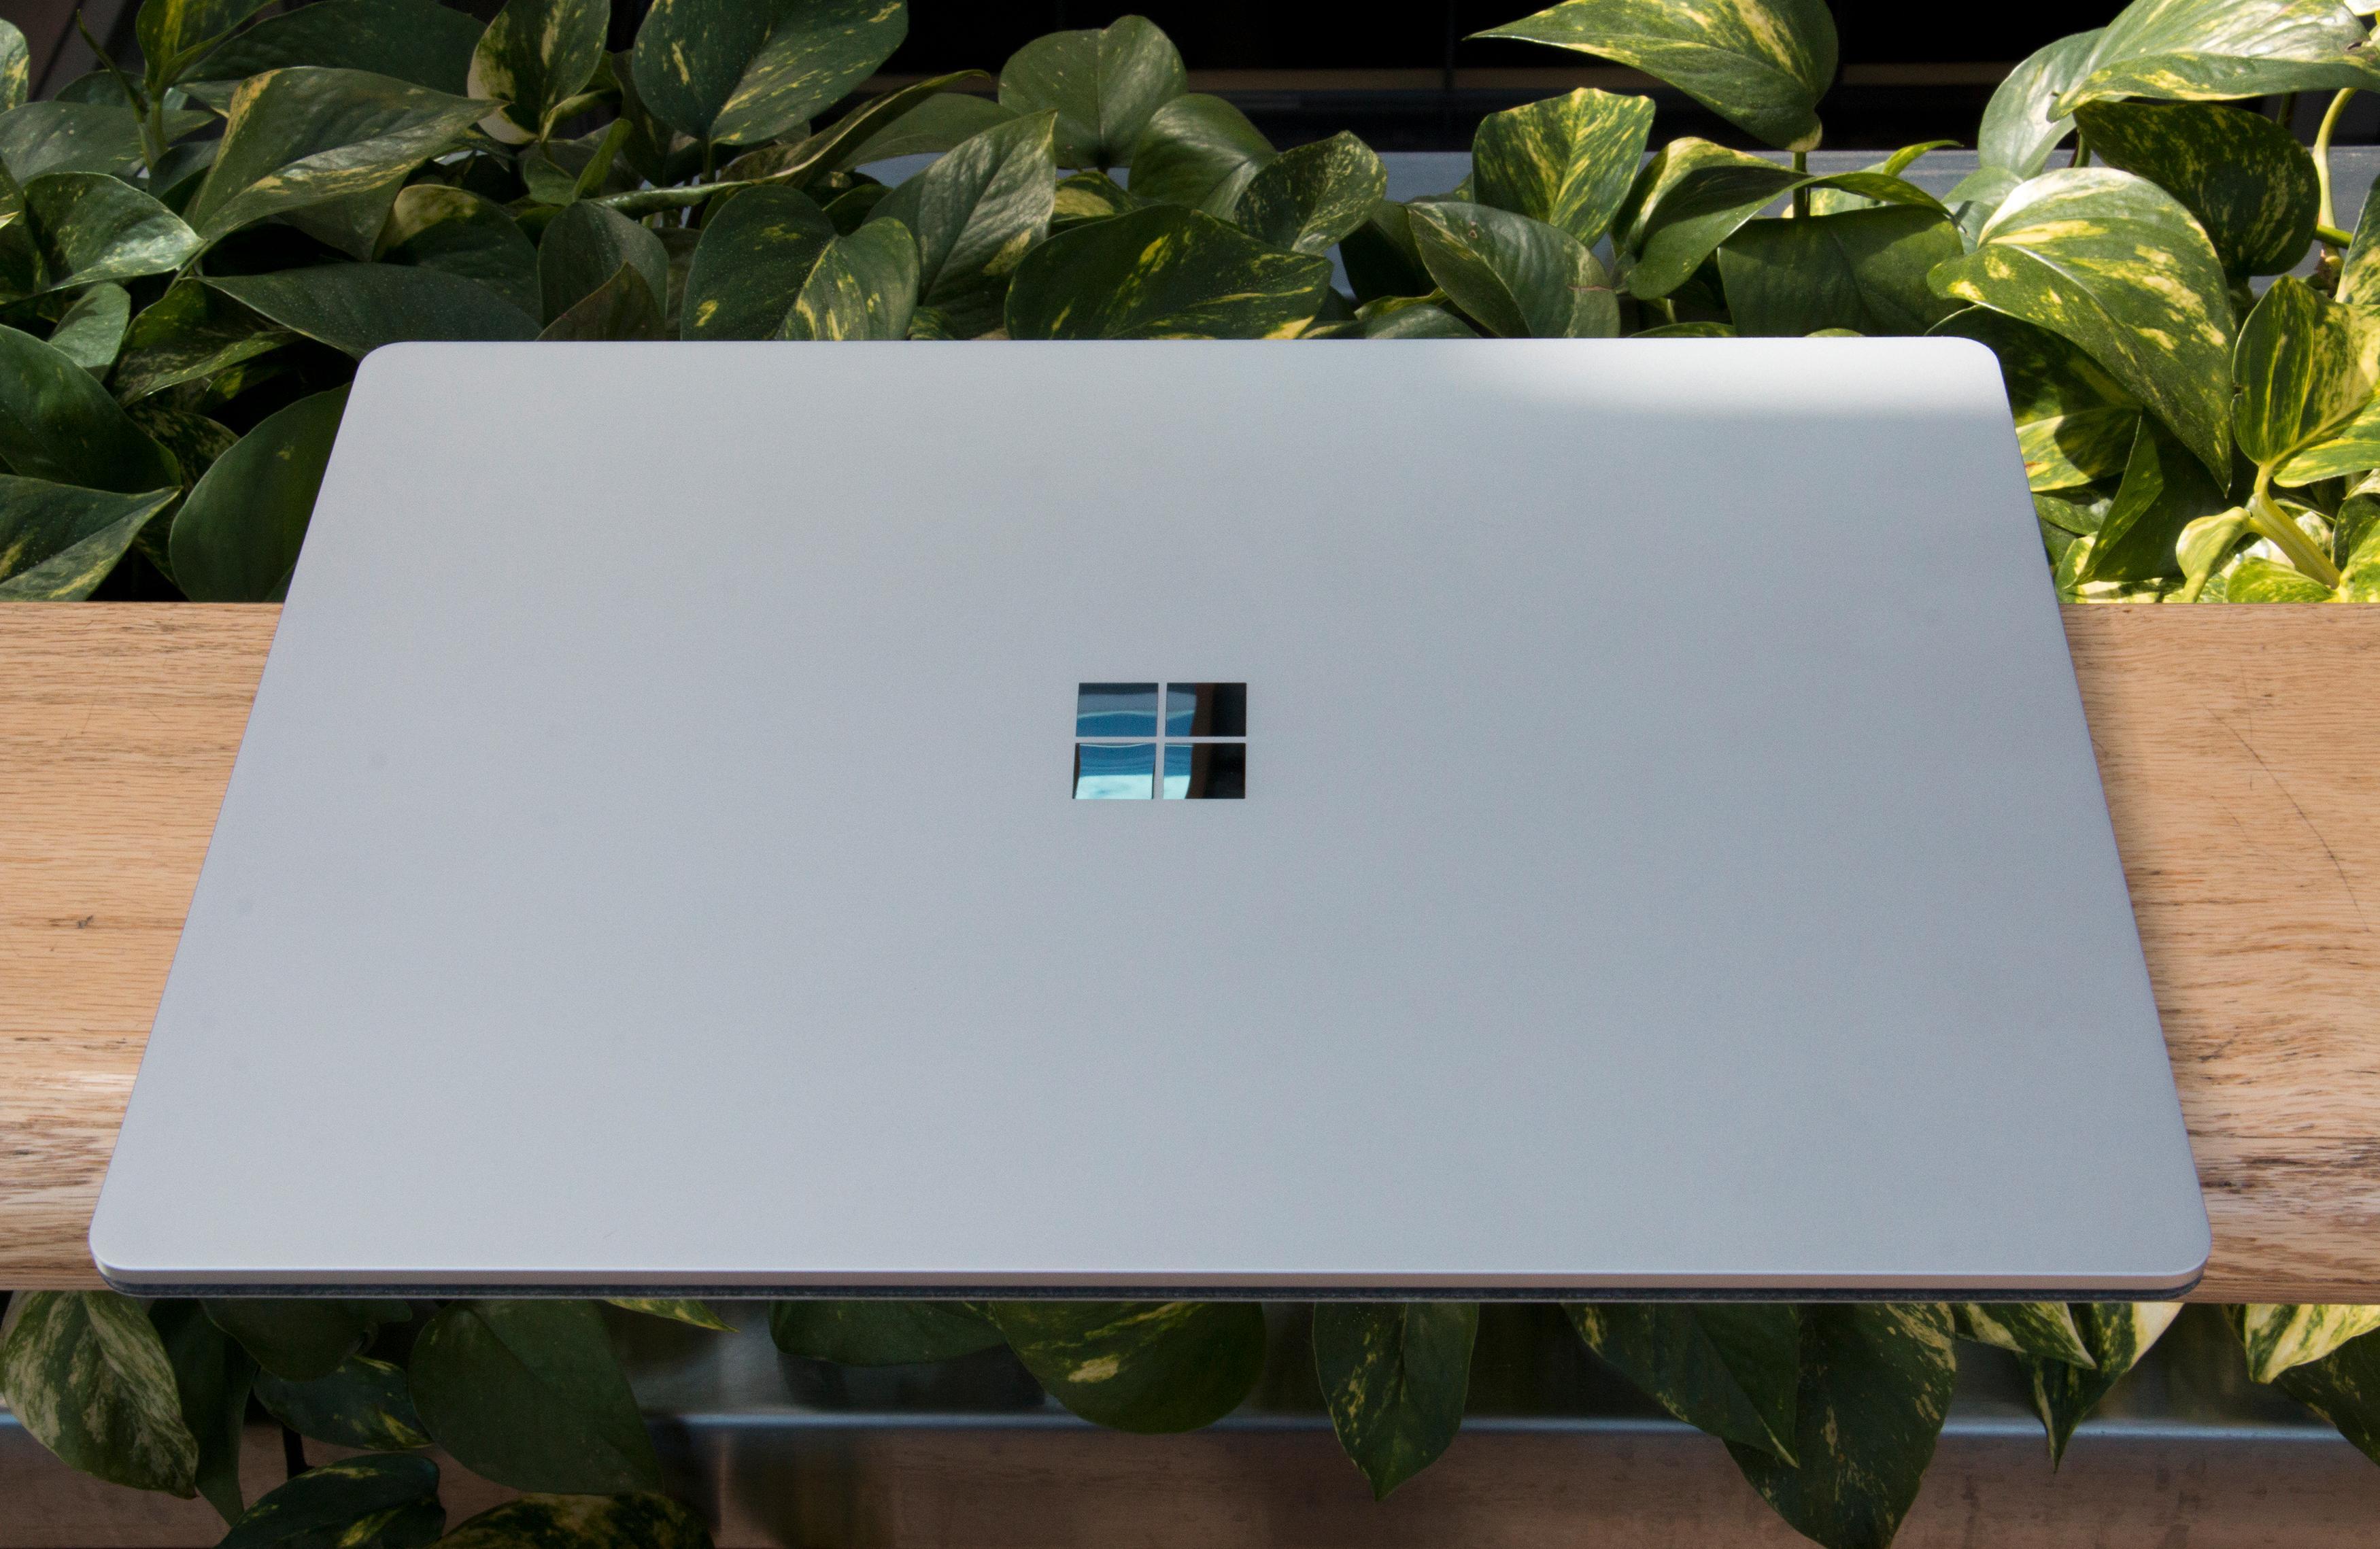 Stilrent aluminium er det som gjelder, sammen med en blankpolert Windows-logo i krom.